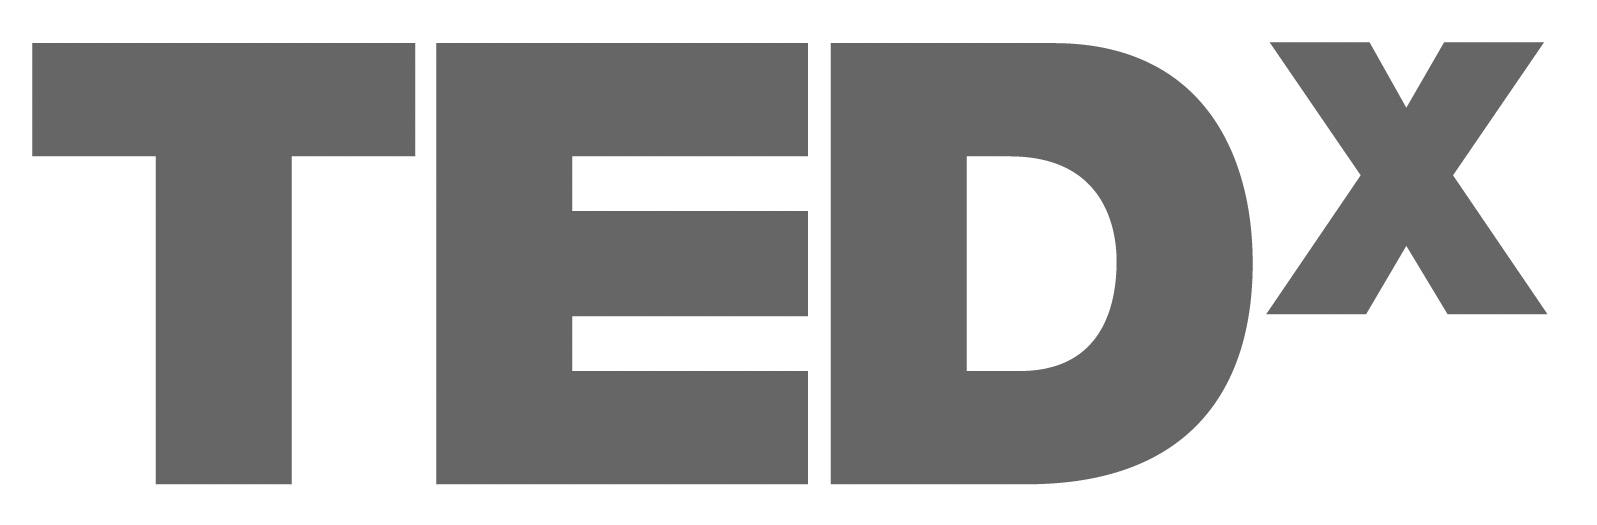 Tedx logo1 dmhodp